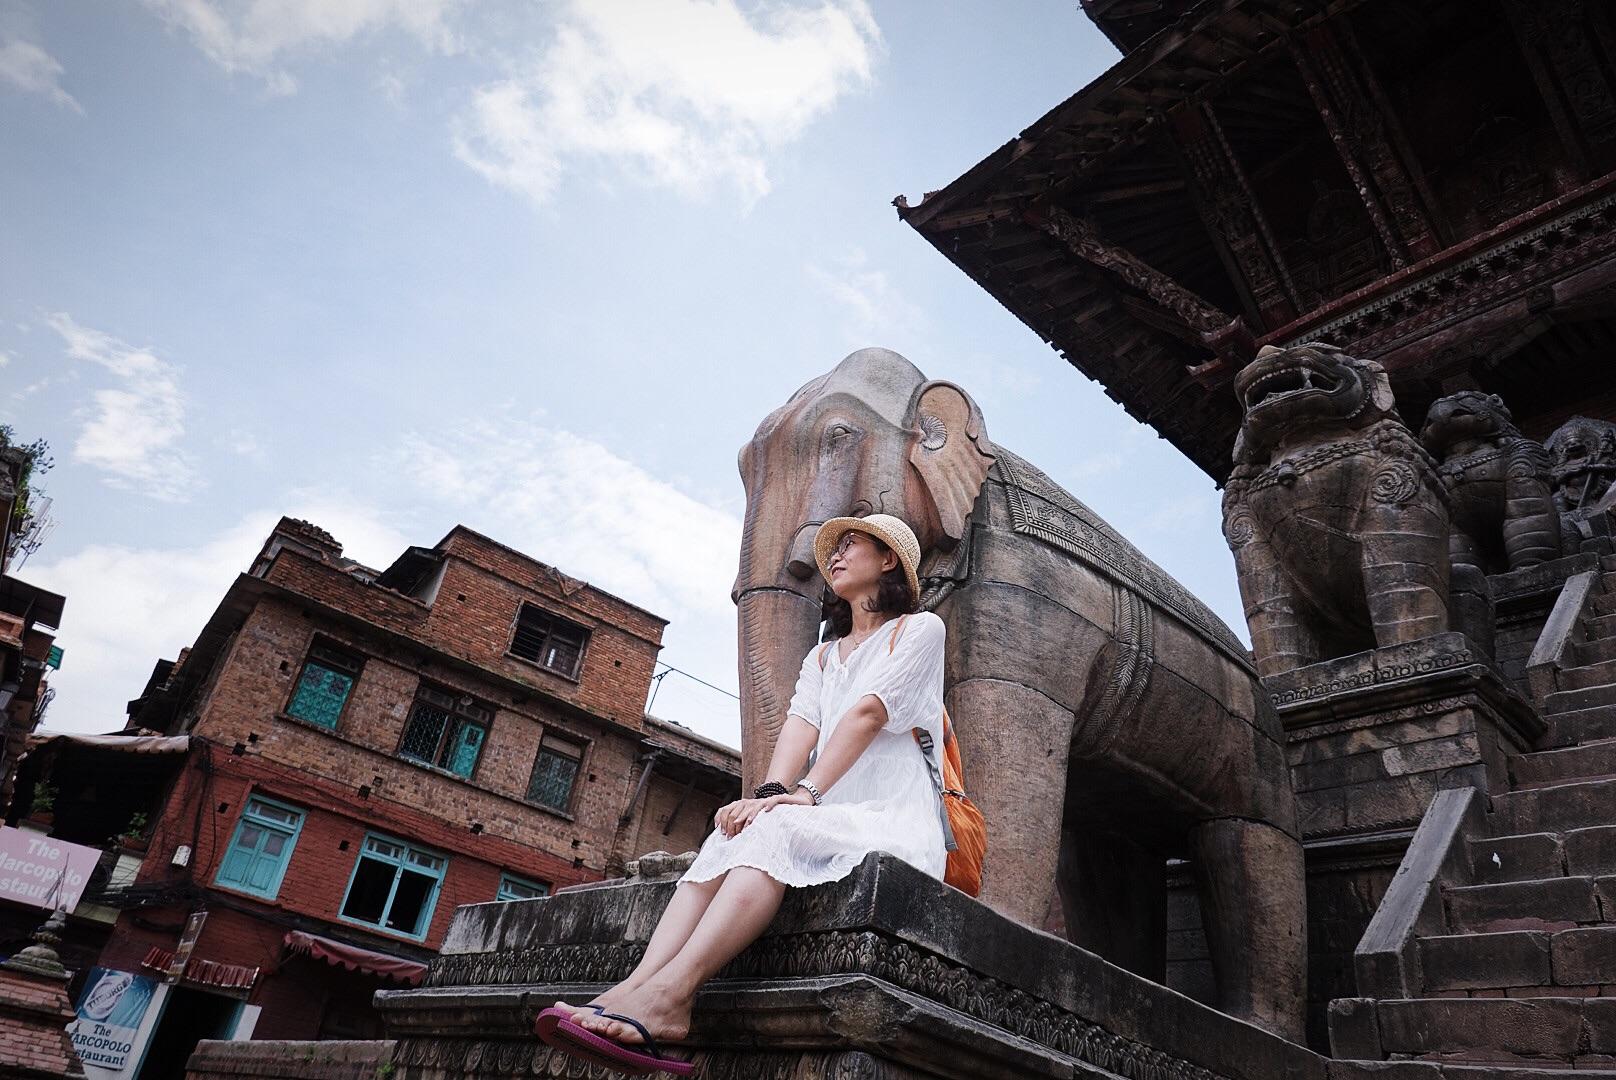 ·尼泊尔——幸福的碎碎念_游记